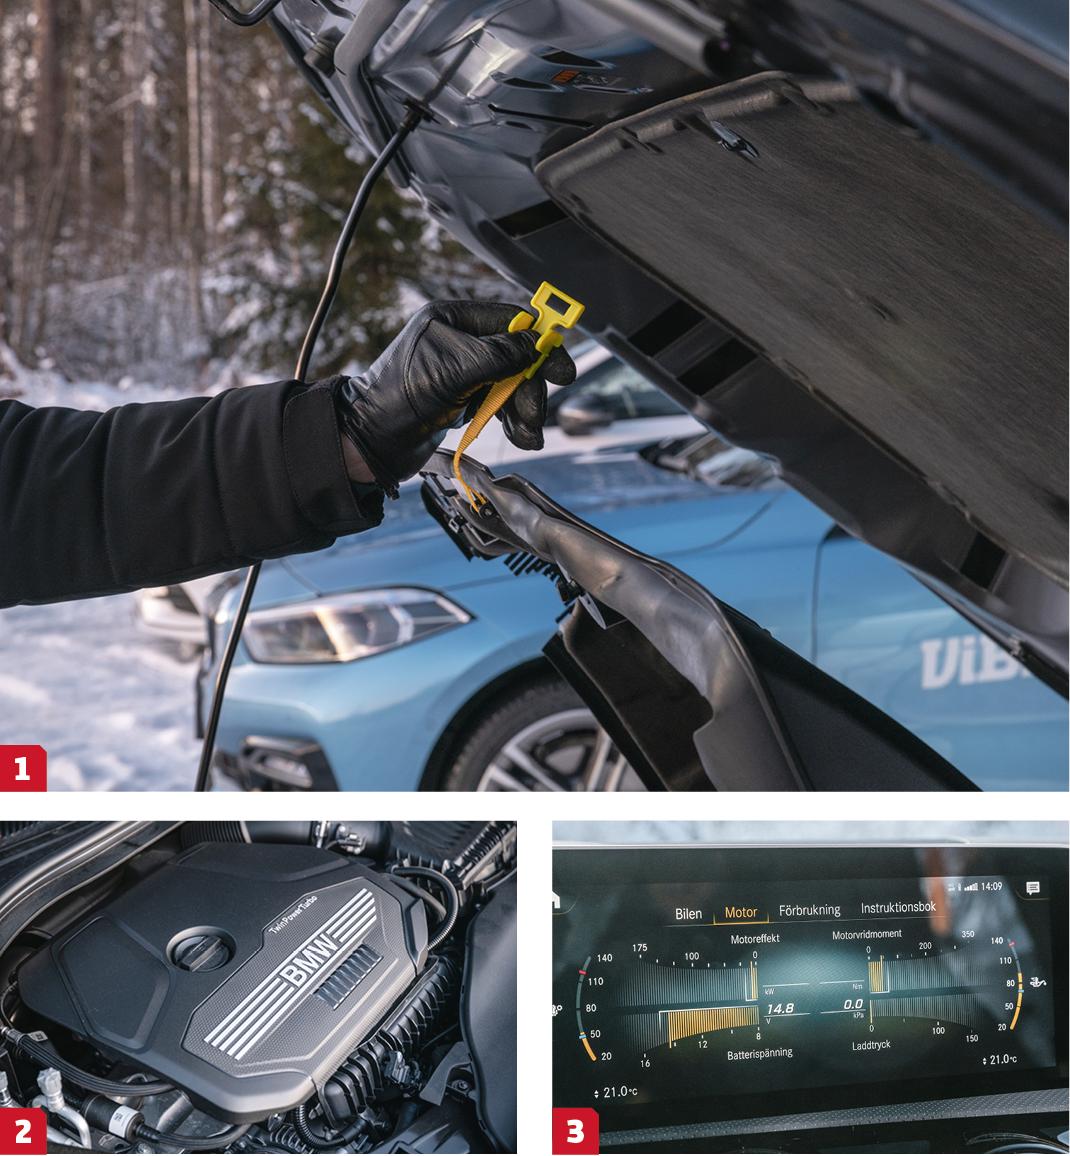 """1. Mazda är stolta över världens första """"diesotto""""-motor. Motorkåpan har fått en egen upphängningsflärp så alla kan ta en rejäl titt.  2. Under BMW-huven ruvar en halv sexa vänd på tvären.  3. Mercedes stora menyskärm ger intressant telemetri på vad den fina 1,3-litersmaskinen har för sig."""